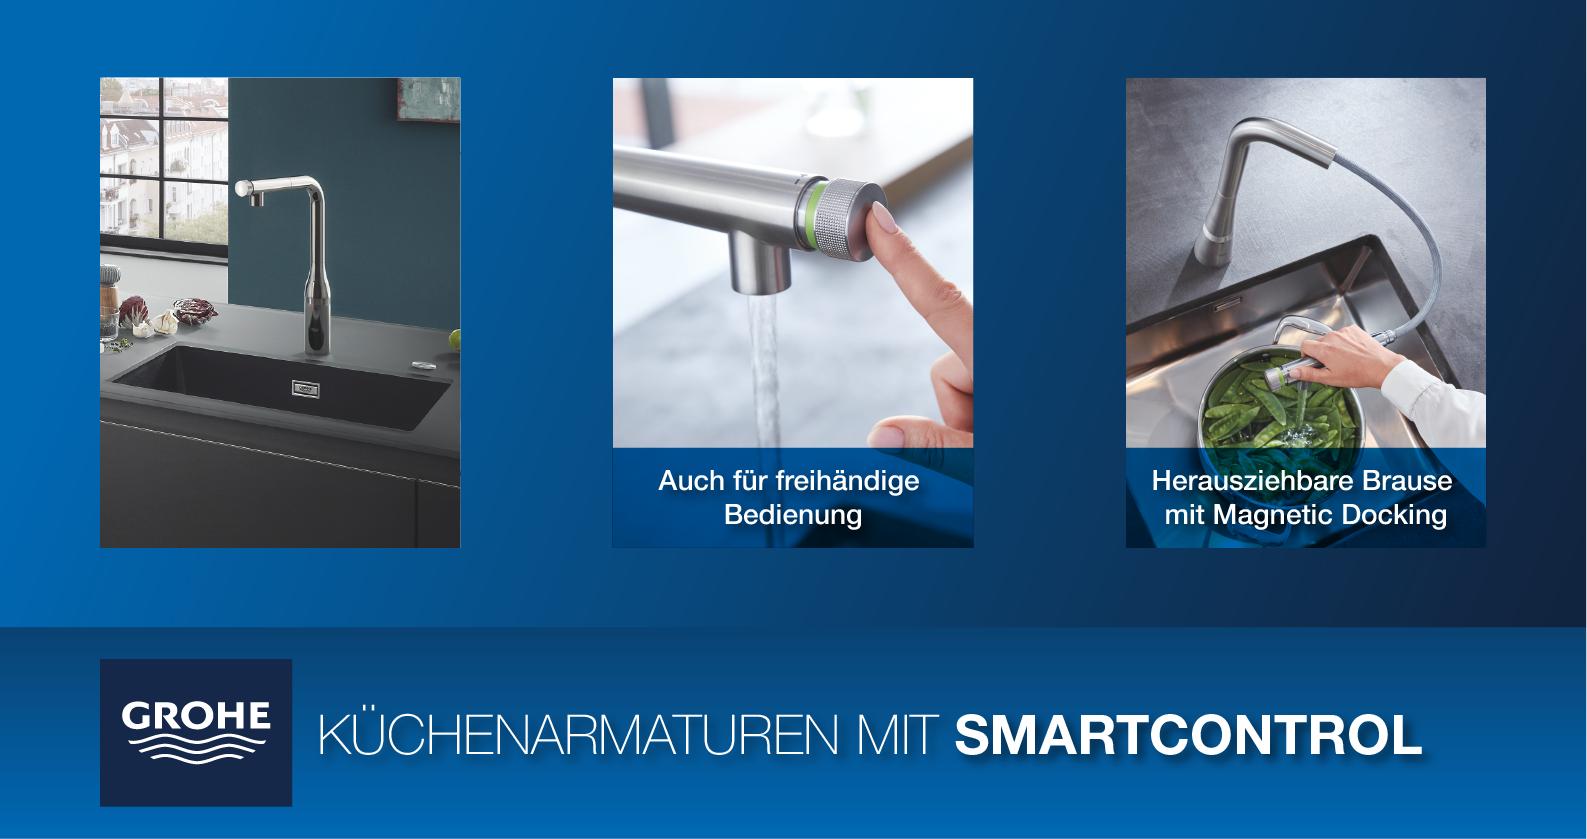 GROHE Küchenarmaturen mit SmartControl